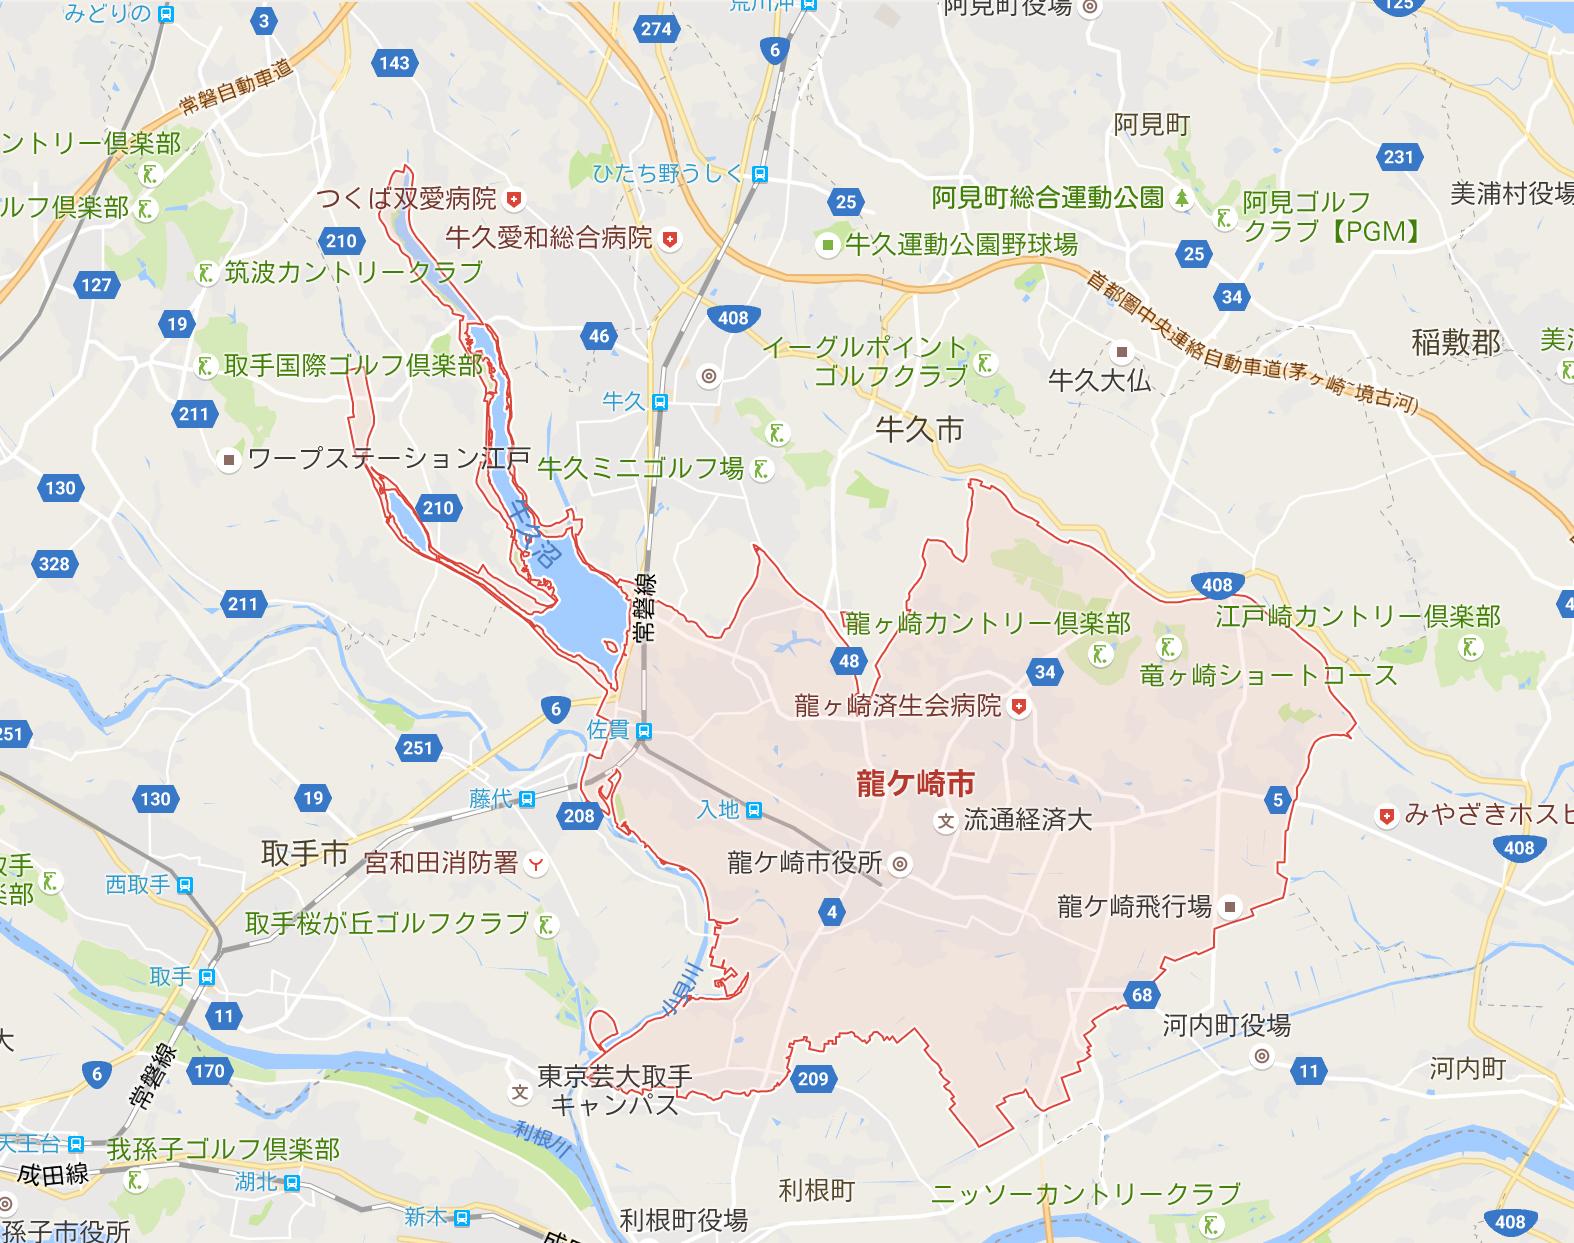 龍ヶ崎市のエステサロン参考マップ